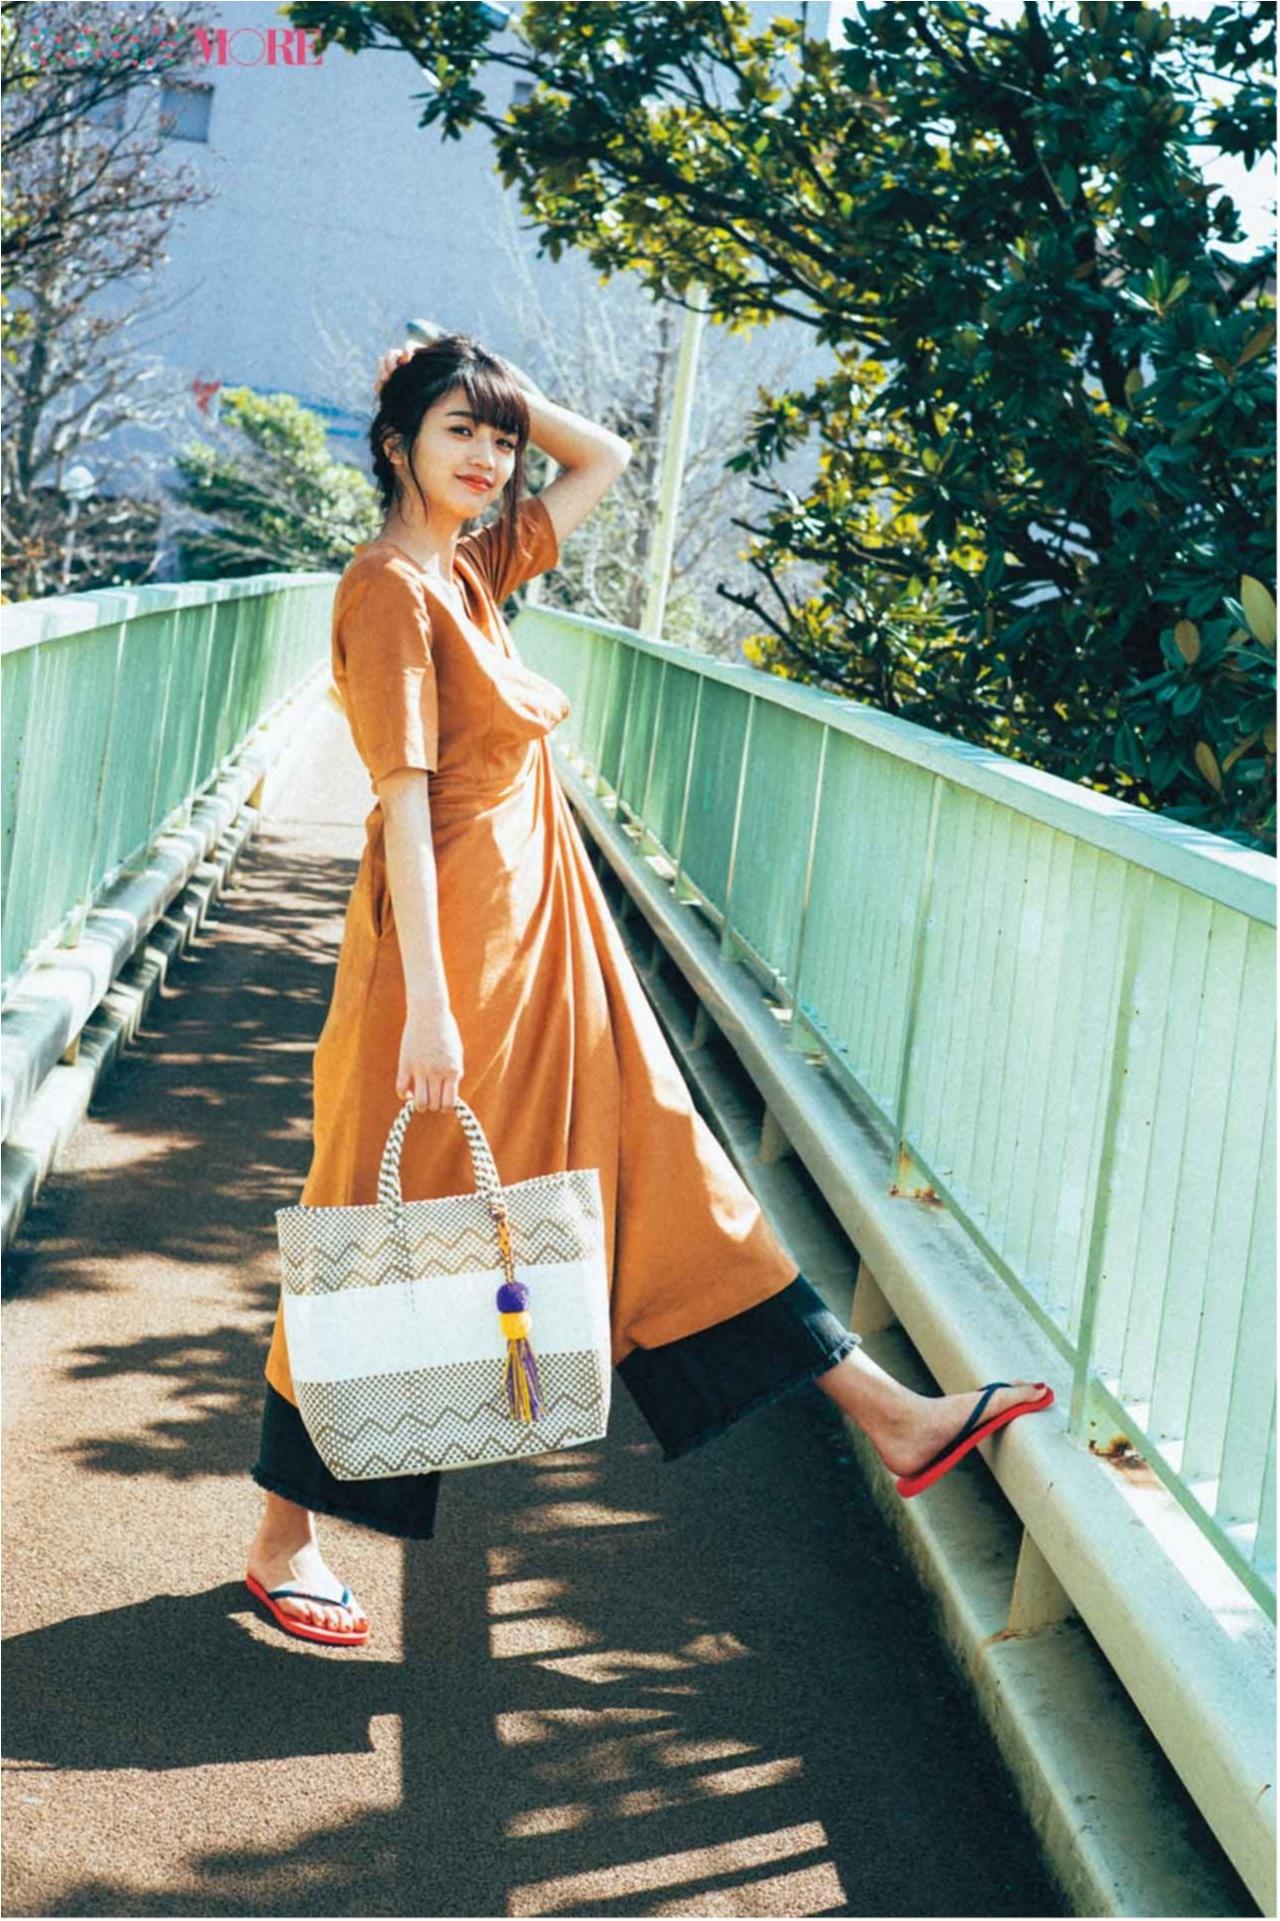 オシャレ女子は夏だって重ね着派♪ 初夏に着たい「サマーレイヤード」まとめ♡_1_1